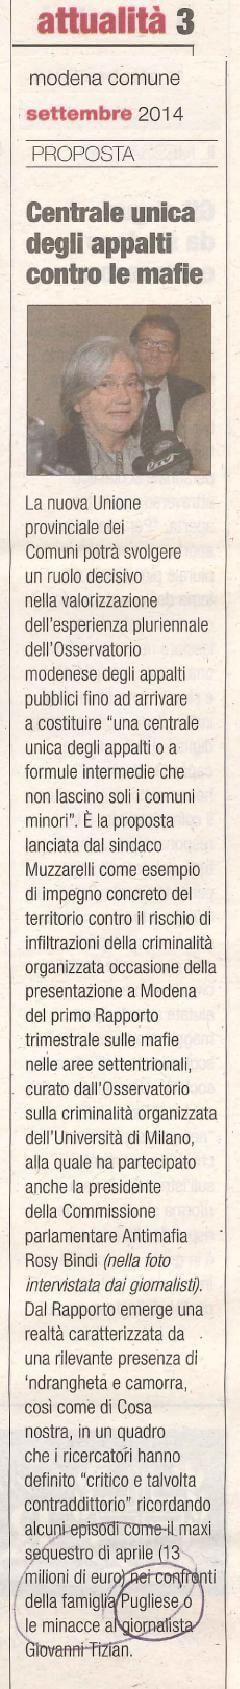 settembre-2014-mo-comune-page-001